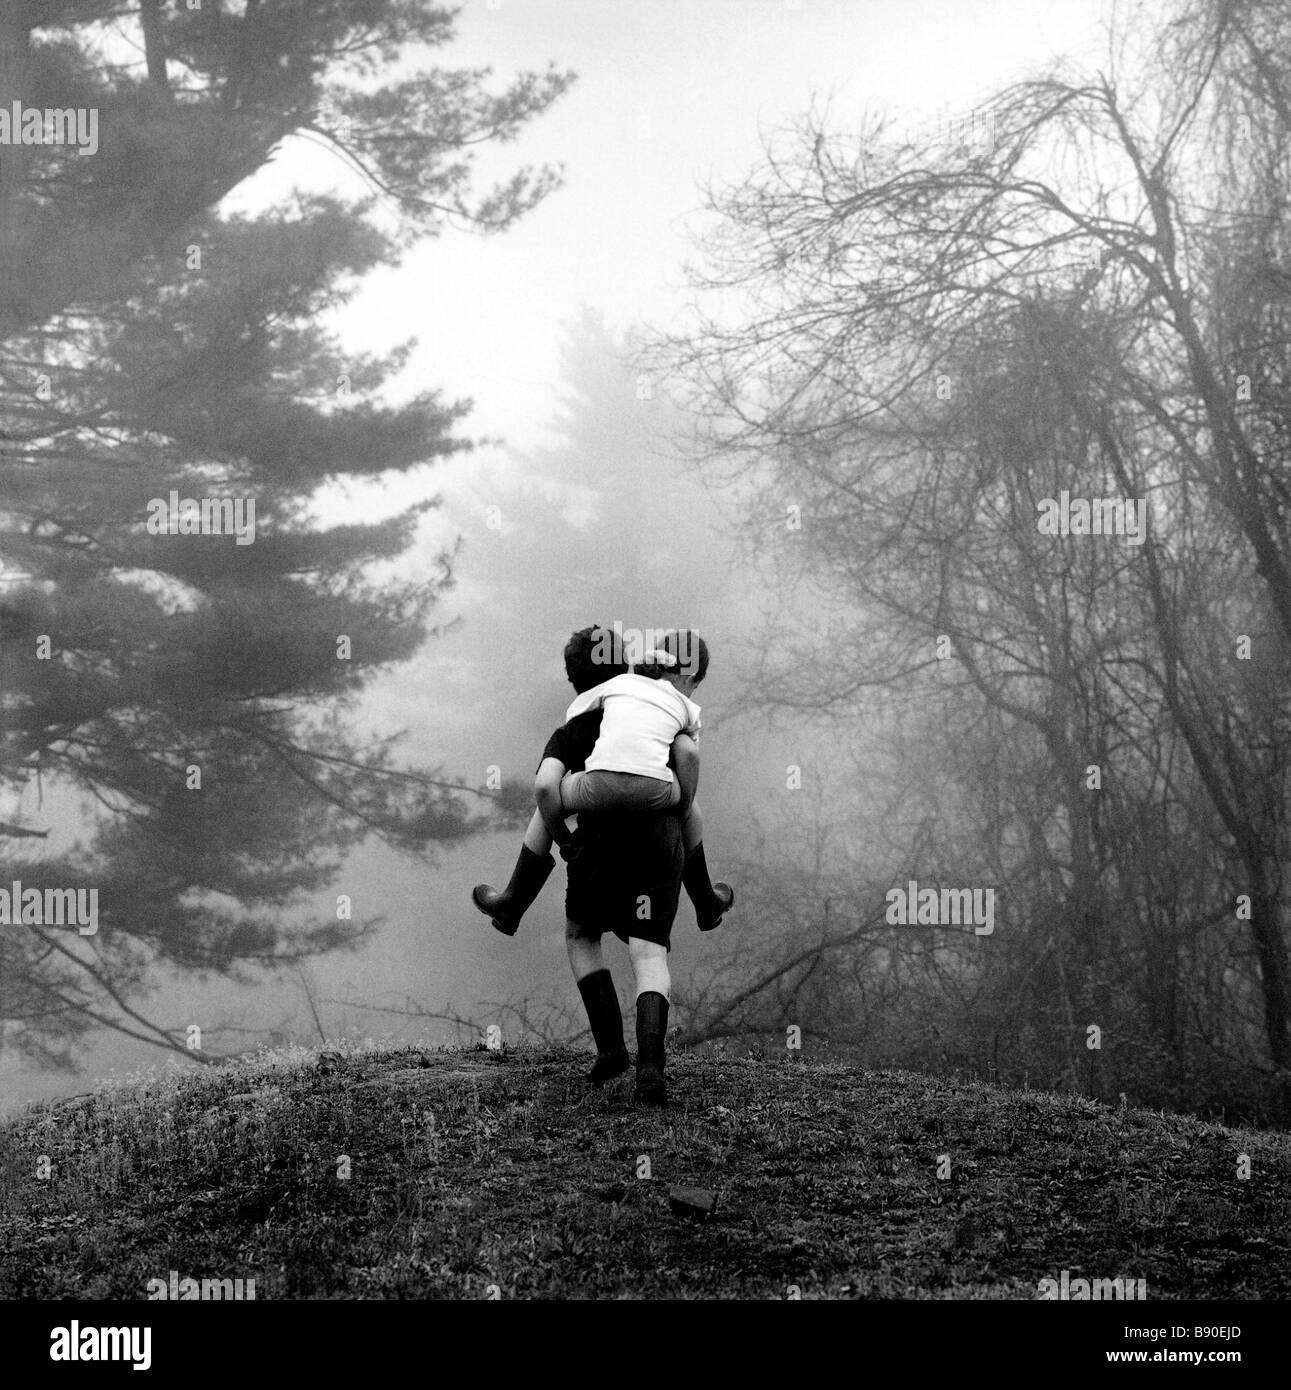 FL2608, NICK KELSH; Boy piggybacking girl through woods - Stock Image